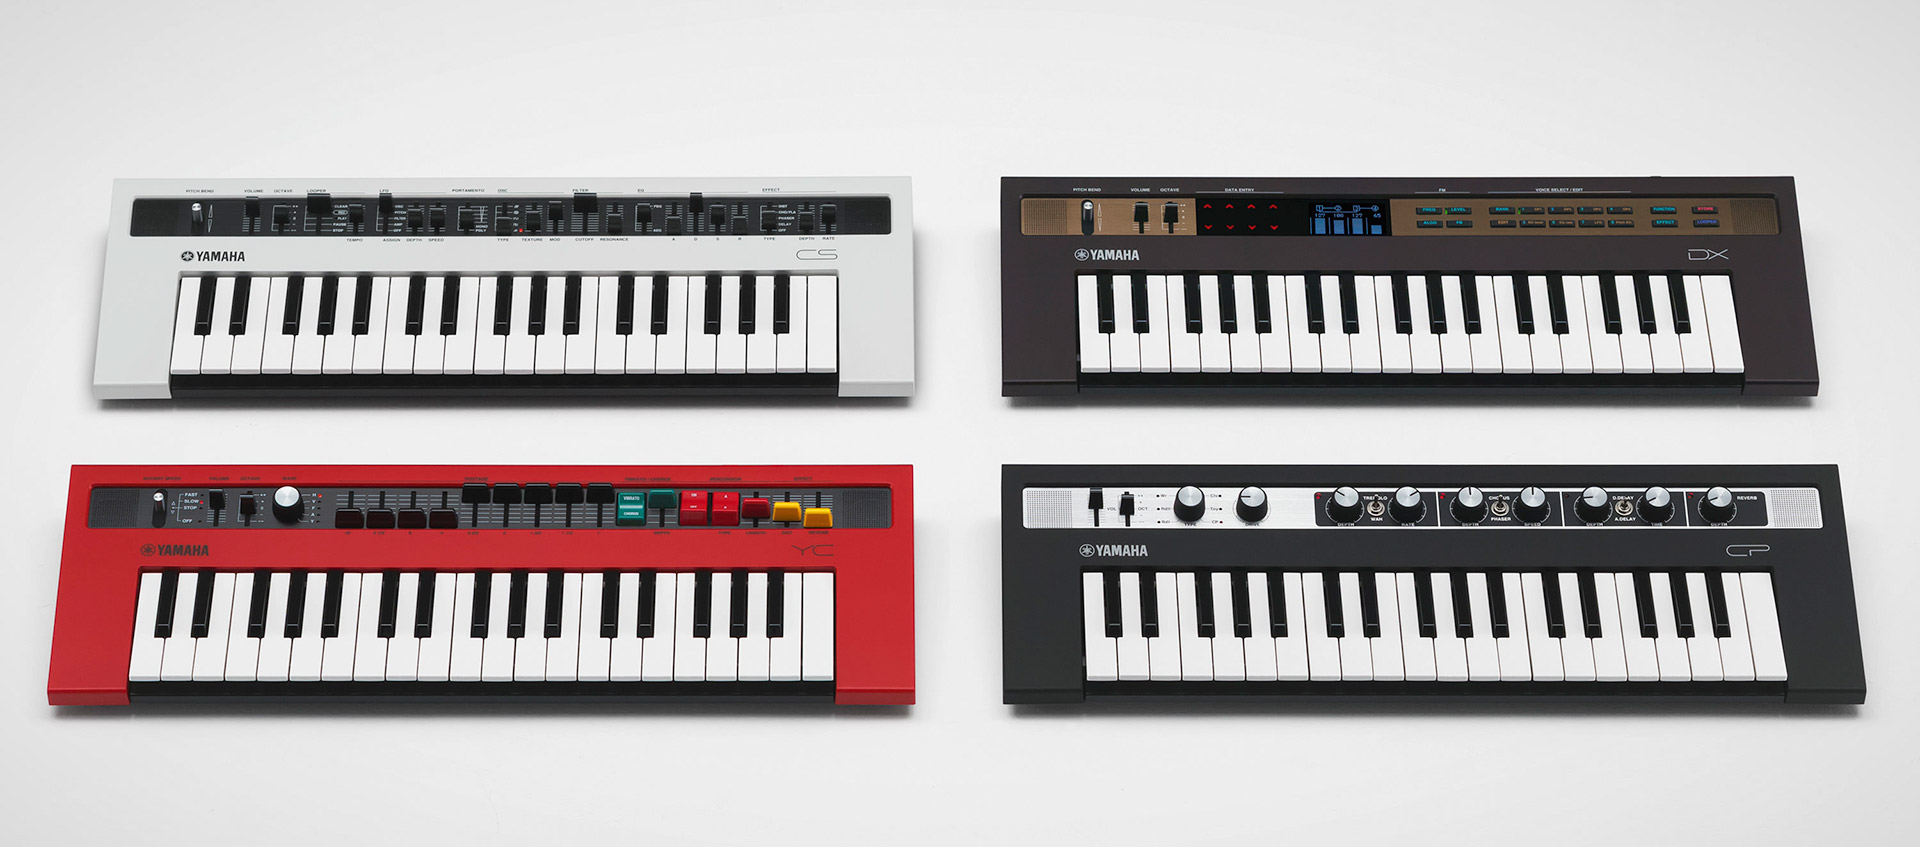 yamaha reface keyboards the awesomer